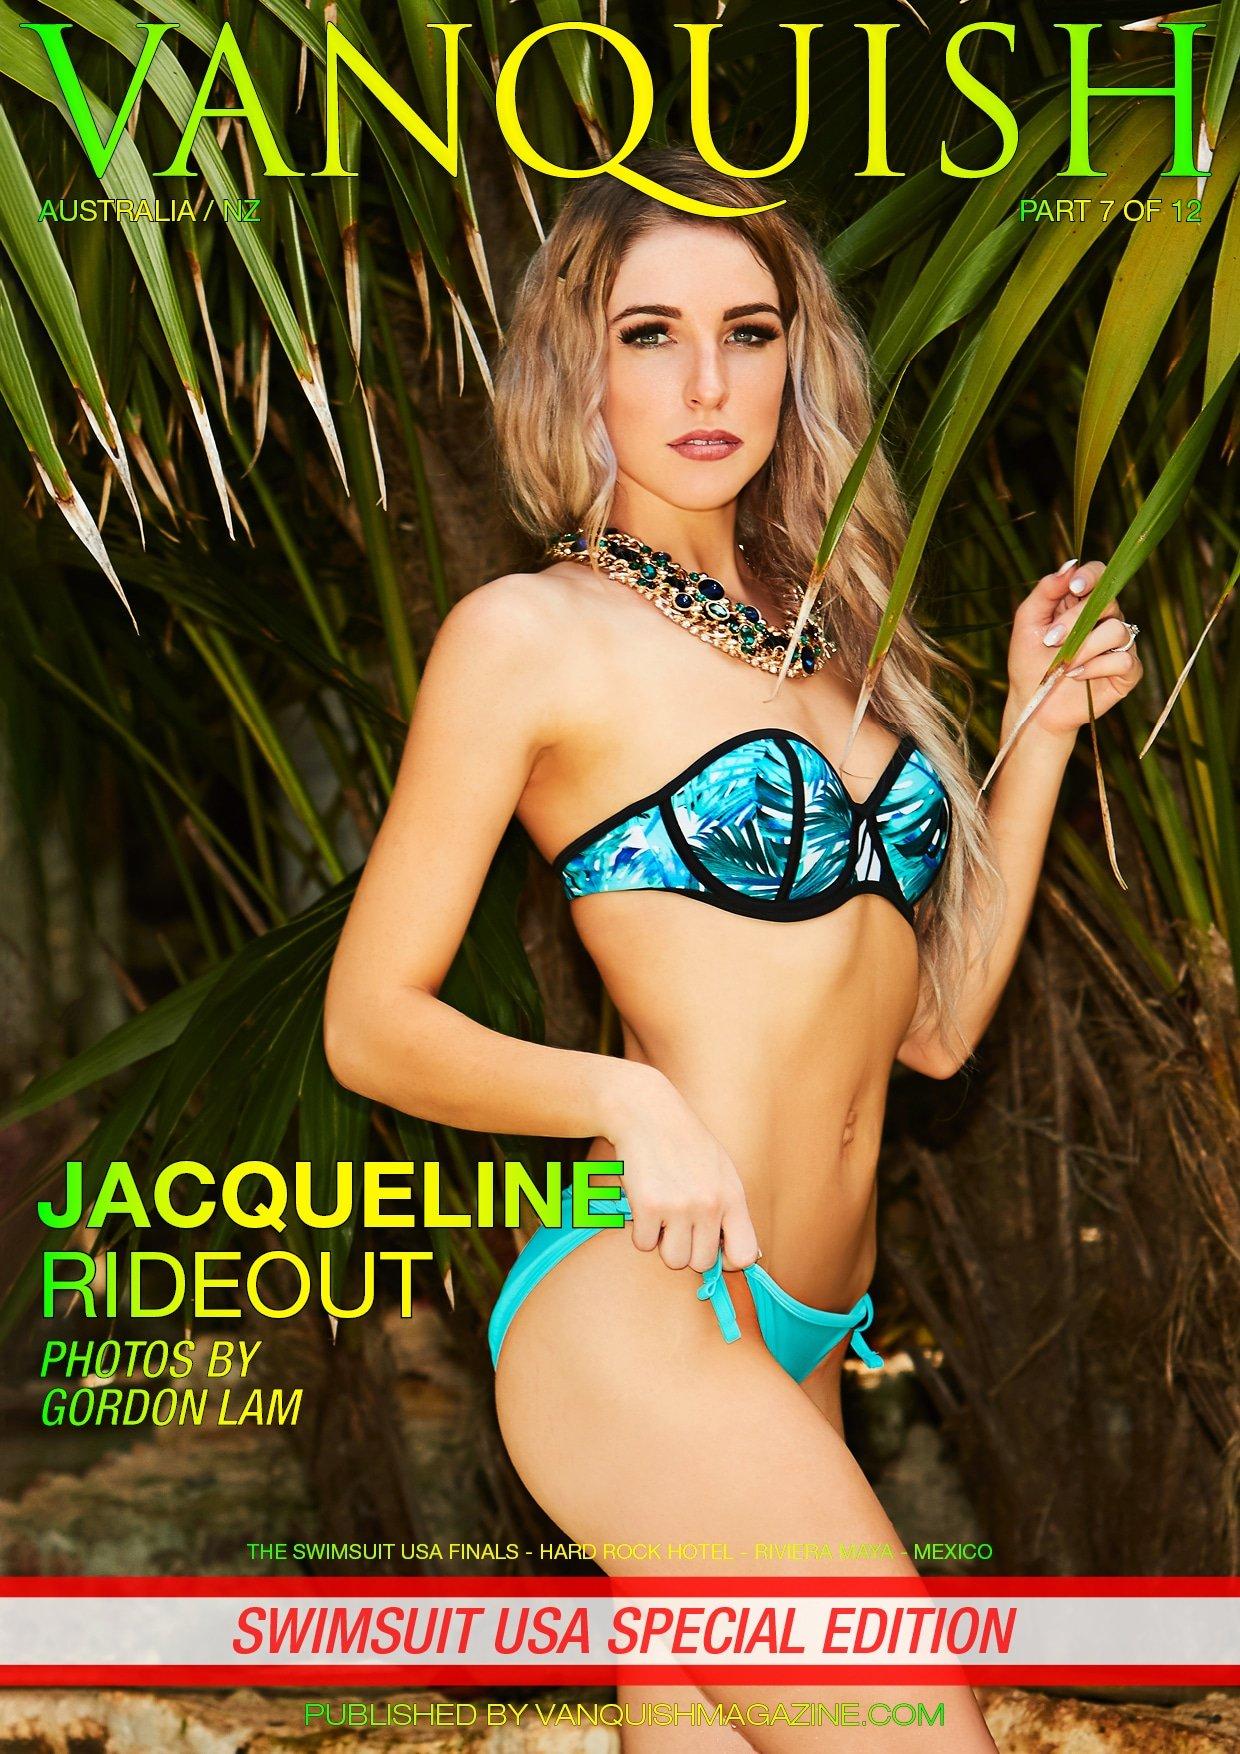 Vanquish Magazine - Swimsuit USA 2018 - Part 7 - Jacqueline Rideout